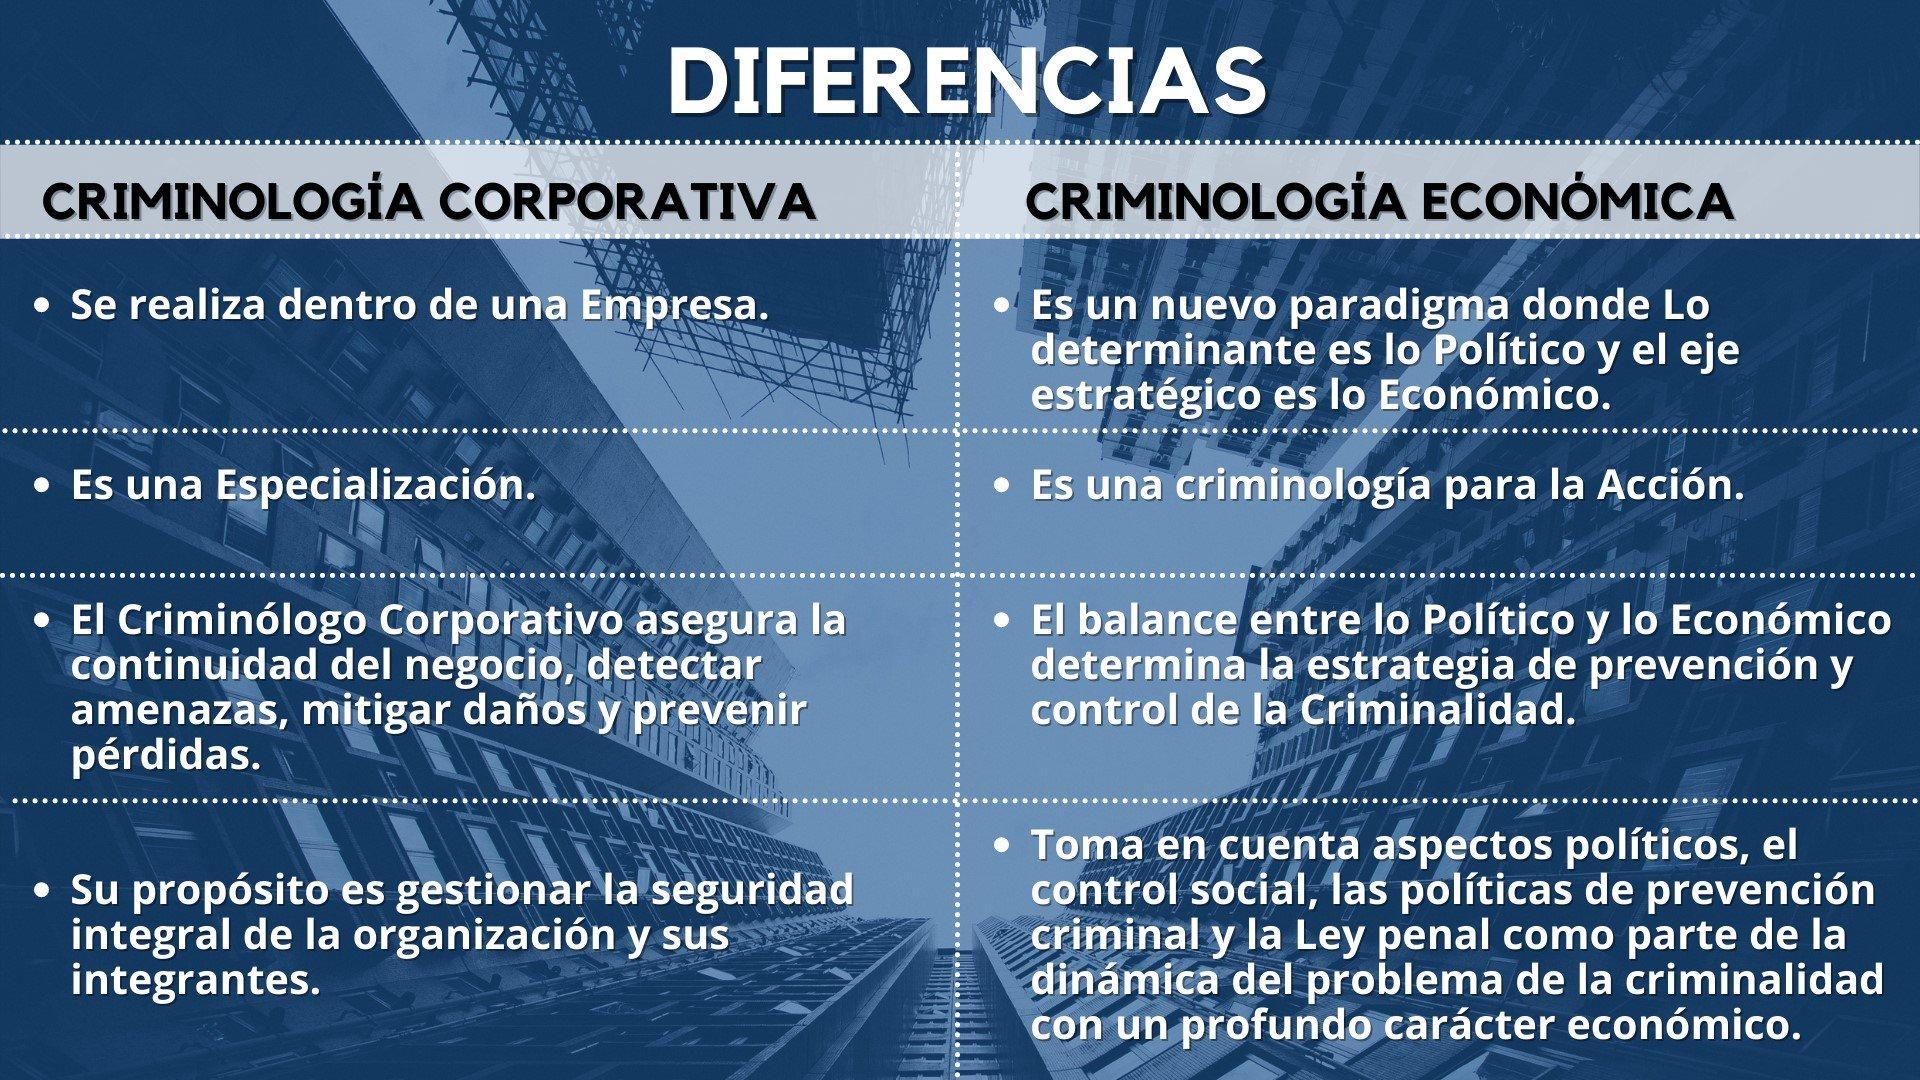 La Criminología corporativa